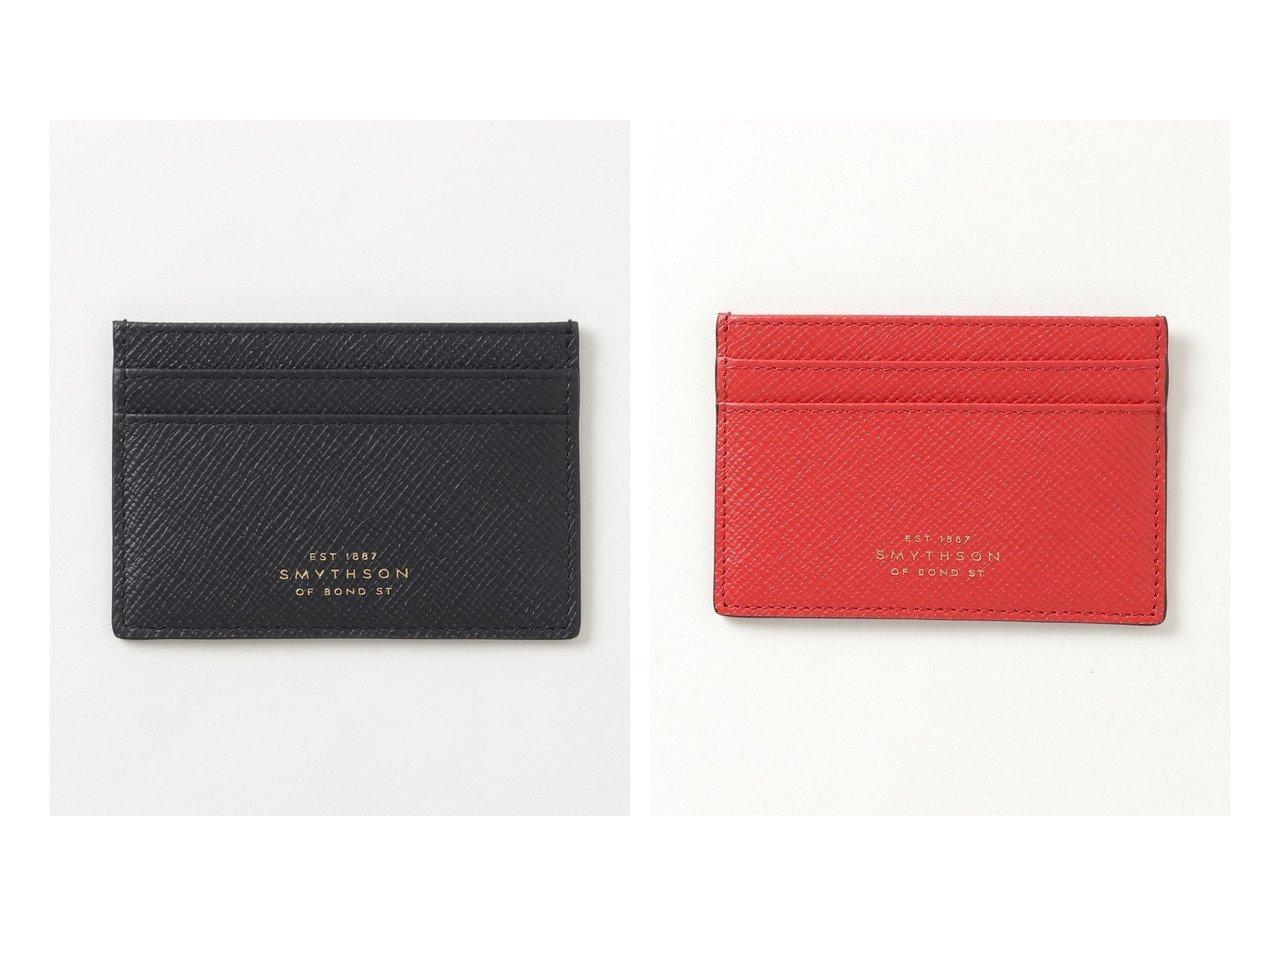 【SMYTHSON/スマイソン】のFLAT CARD HOLDER PANAMA カードケース おすすめ!人気、トレンド・レディースファッションの通販 おすすめで人気の流行・トレンド、ファッションの通販商品 メンズファッション・キッズファッション・インテリア・家具・レディースファッション・服の通販 founy(ファニー) https://founy.com/ ファッション Fashion レディースファッション WOMEN 財布 Wallets カードケース/名刺入れ Card Cases エレガント コレクション 財布 ハンド メンズ 再入荷 Restock/Back in Stock/Re Arrival |ID:crp329100000012717